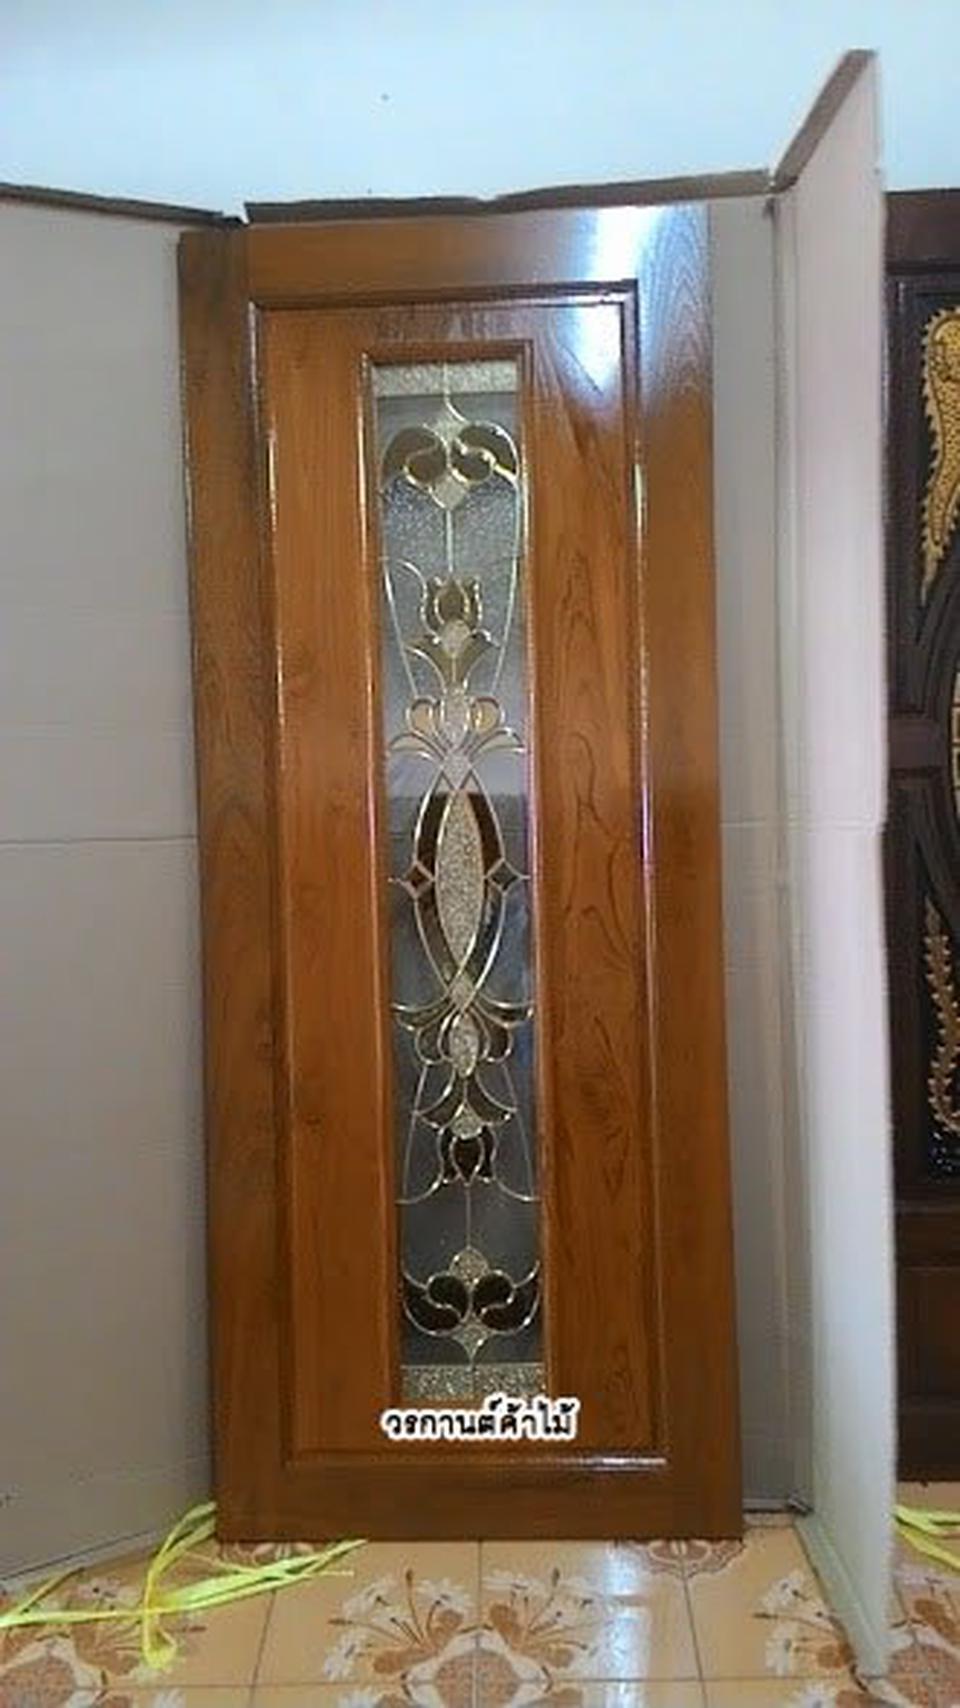 ร้านวรกานต์ค้าไม้ จำหน่ายประตูไม้สัก,ประตูไม้สักกระจกนิรภัย,เฟอร์นิเจอร์ ไม้สักทุกชนิด ทั้งปลีกและส่ง รูปที่ 6